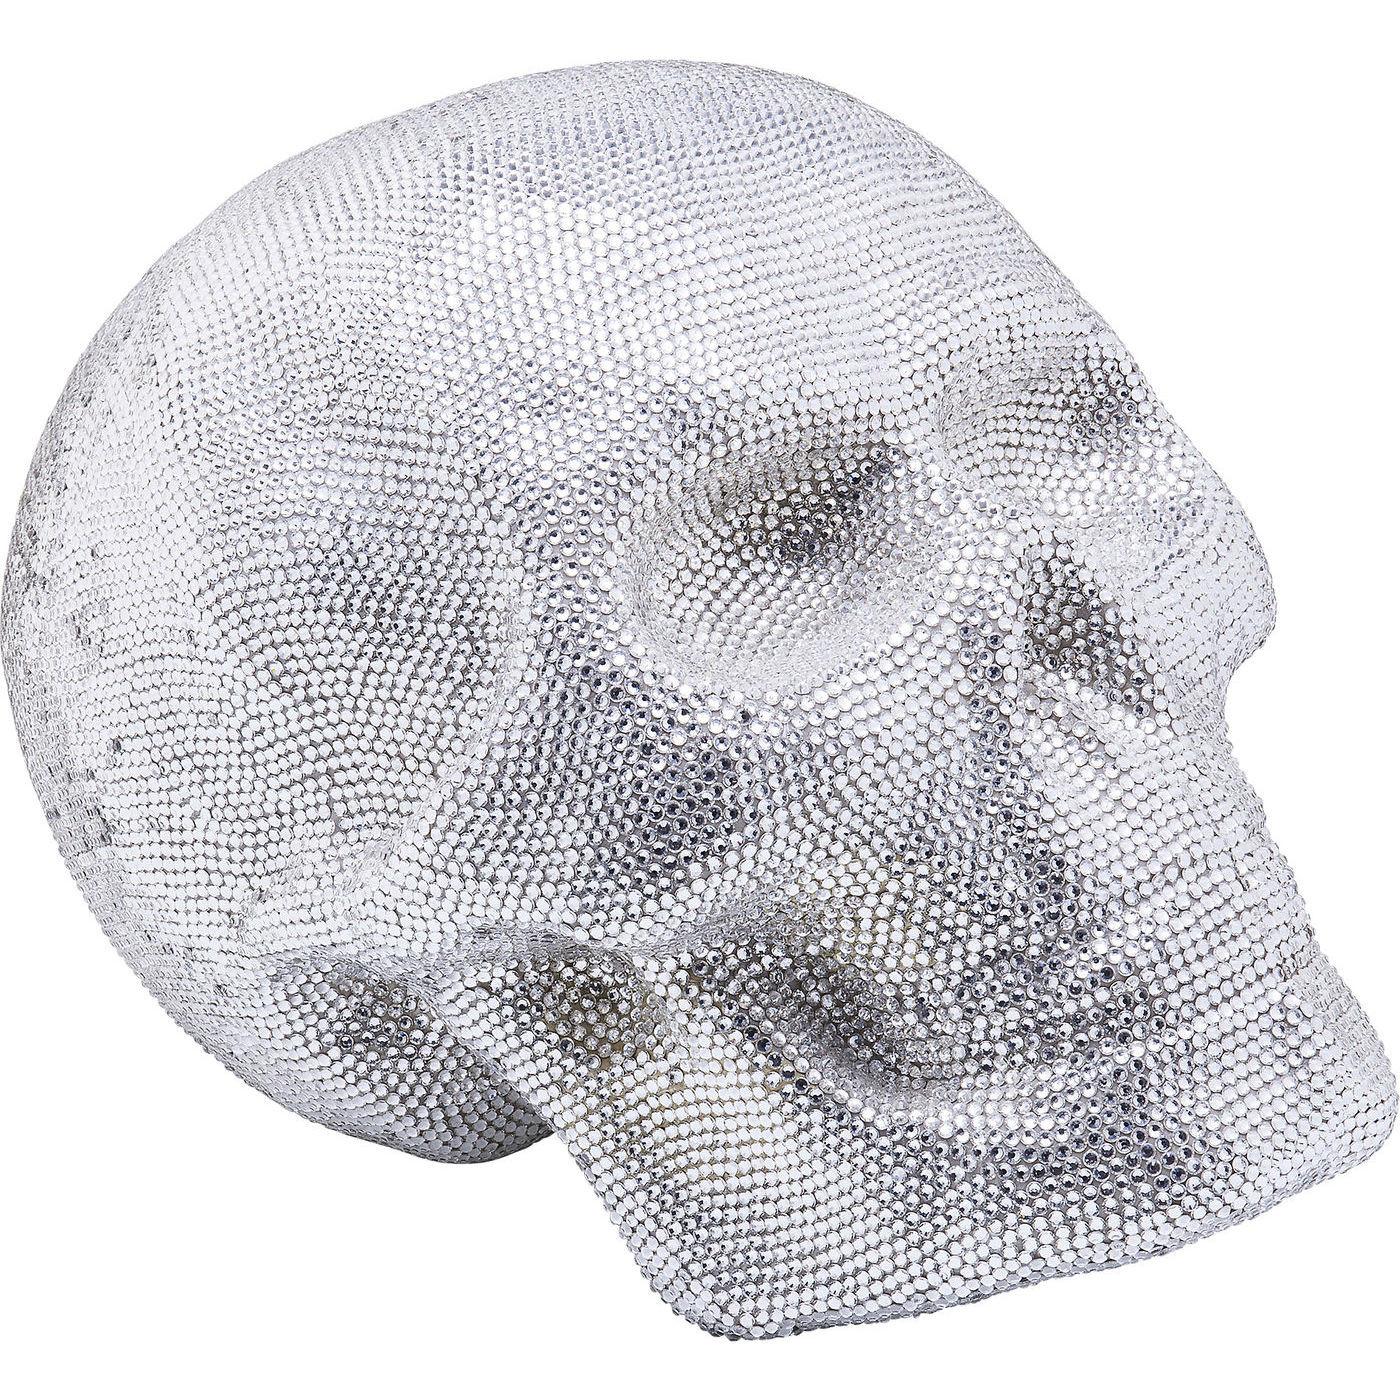 Deko Kopf Crystal Skull Silber Big